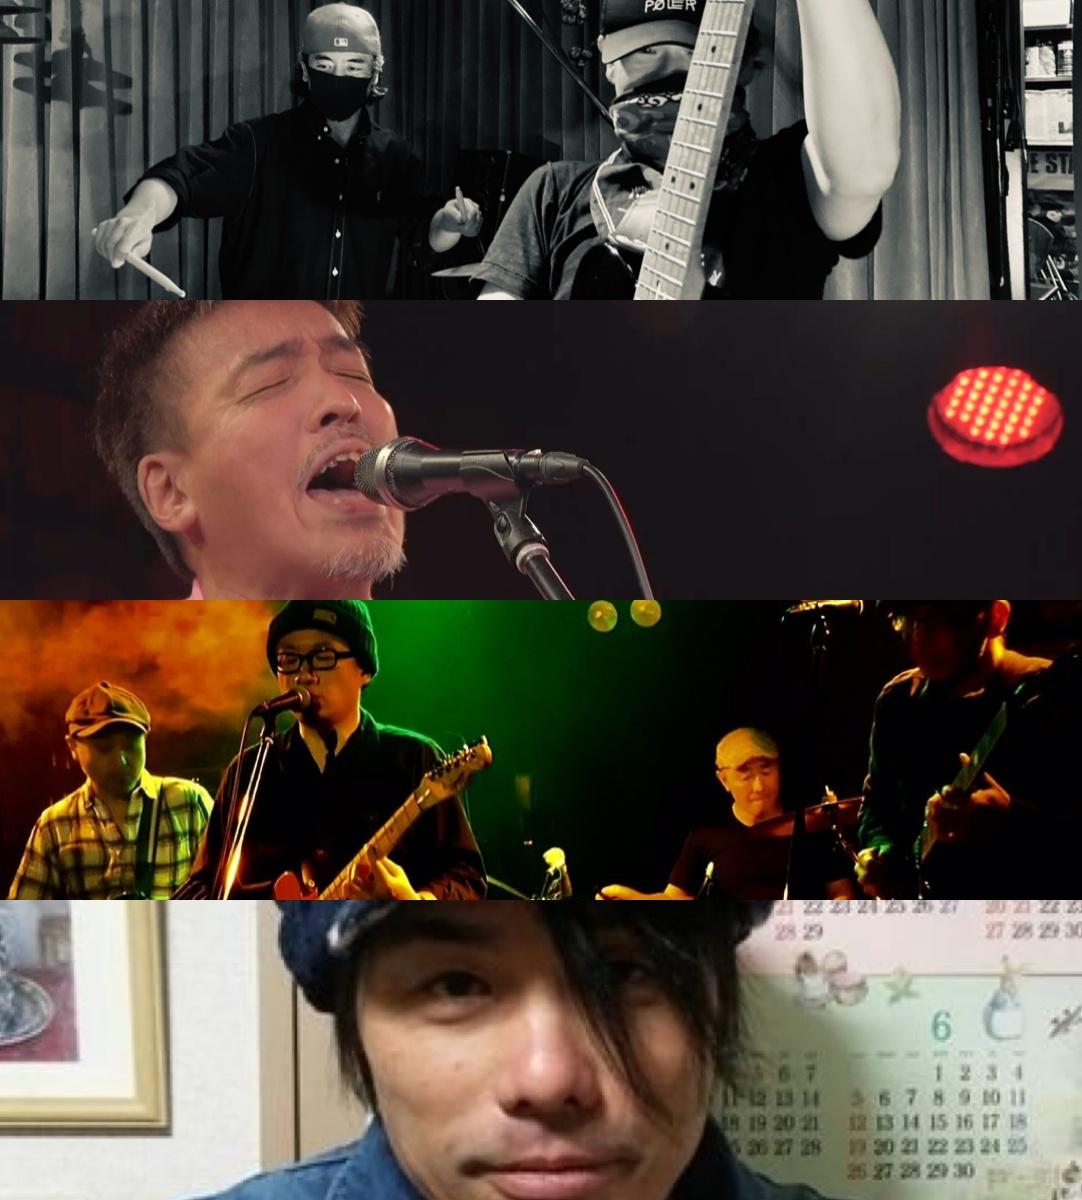 [無観客配信]『鋸の夜』出演:浅井永久+堀口たかし / 夜明けの青年団 / たけぽん / ピース